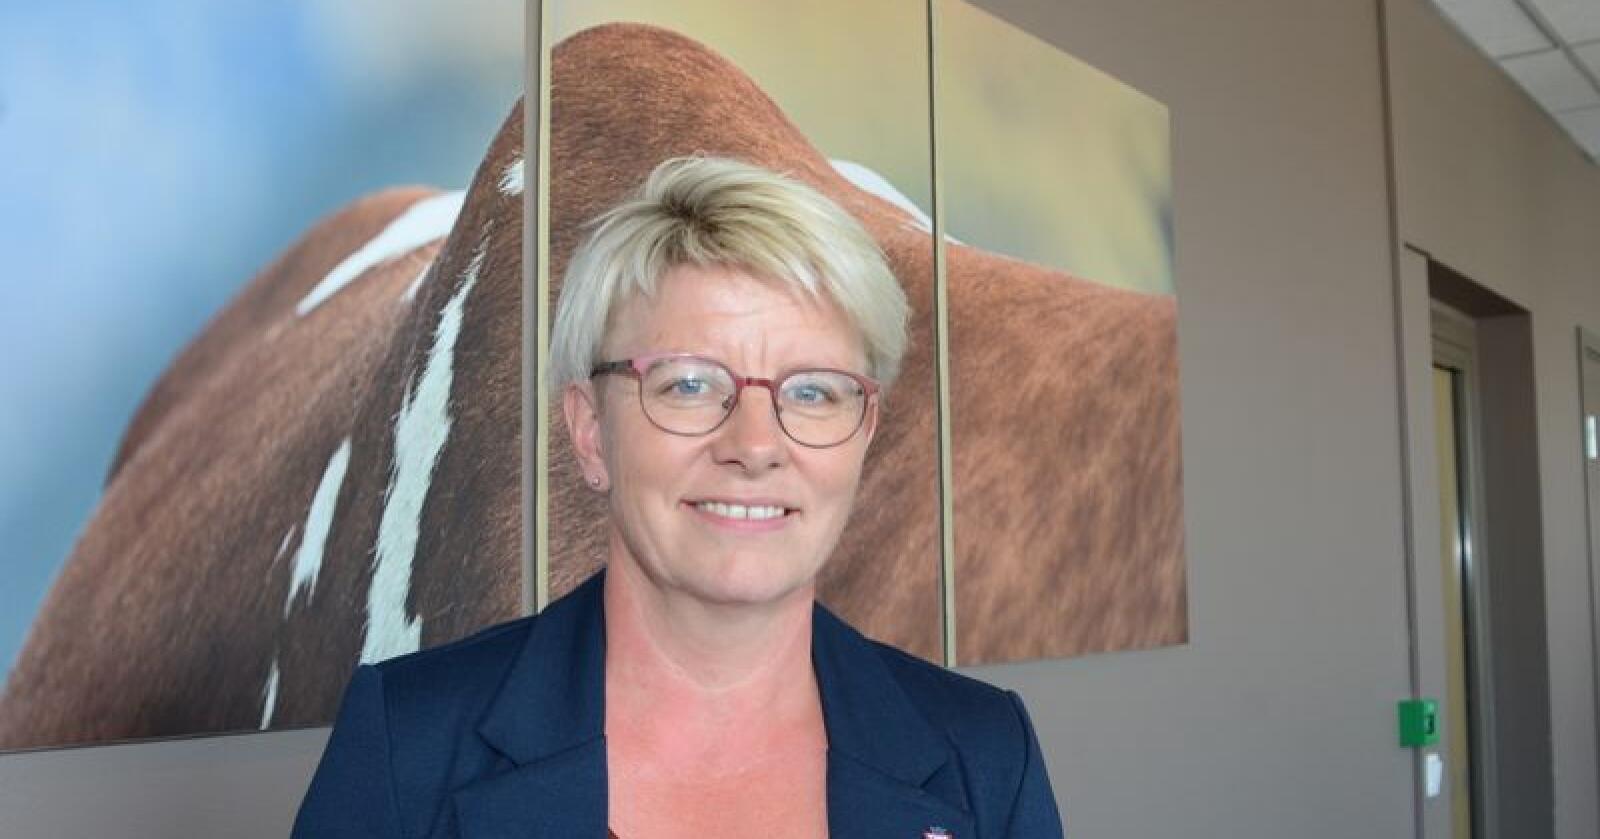 Likt: Utkjøpsprisen bør være lik for alle, mener Marit Haugen, styreleder i Tine. (Foto: Linda Sunde)